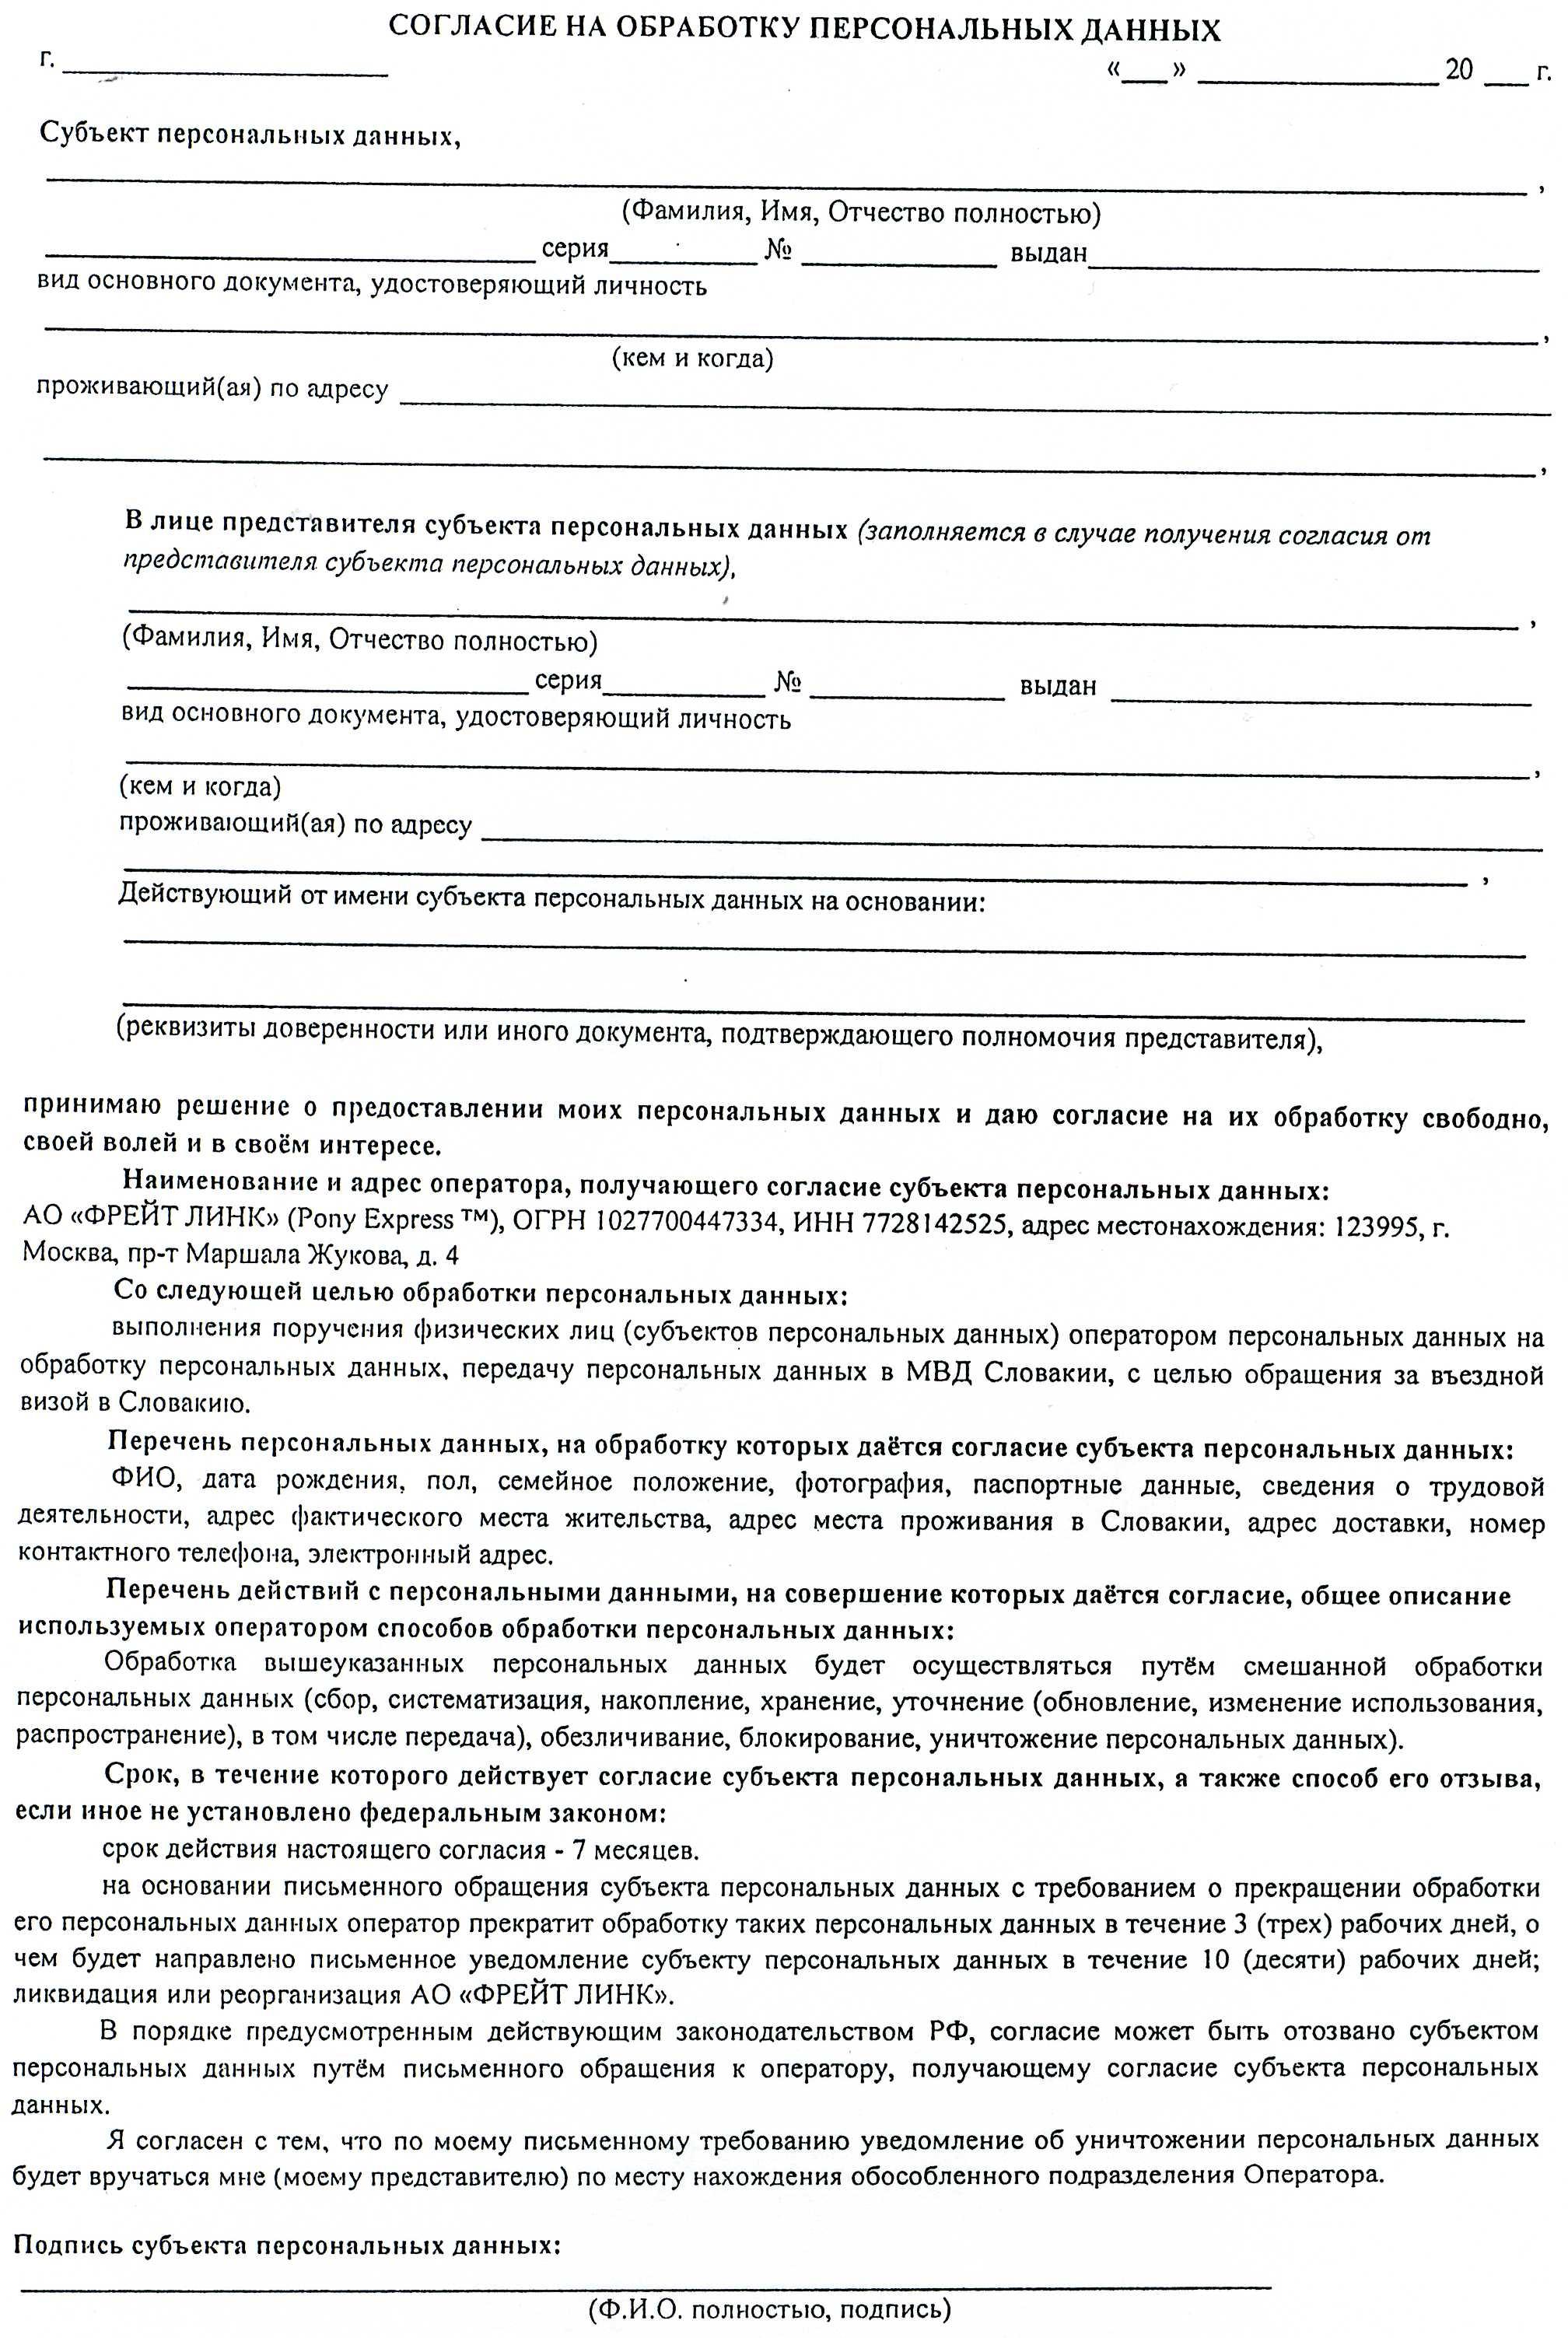 Виза словакию документы образование европейского союза и его расширение на восток